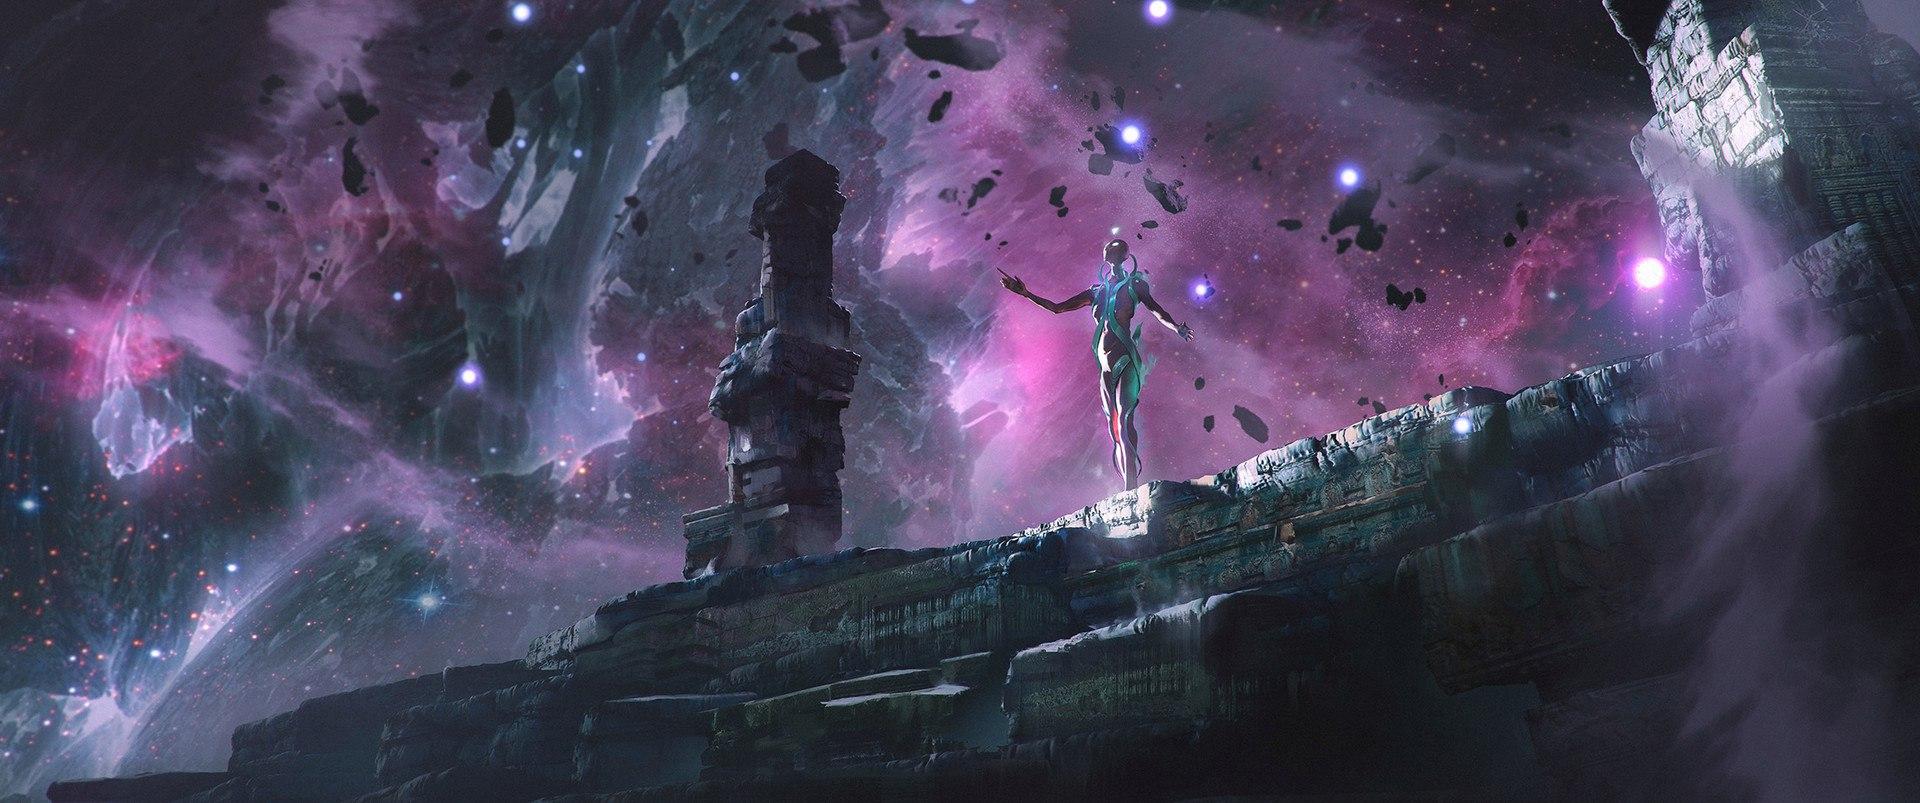 Звёздное небо и космос в картинках - Страница 37 GvzgKna5Lt4